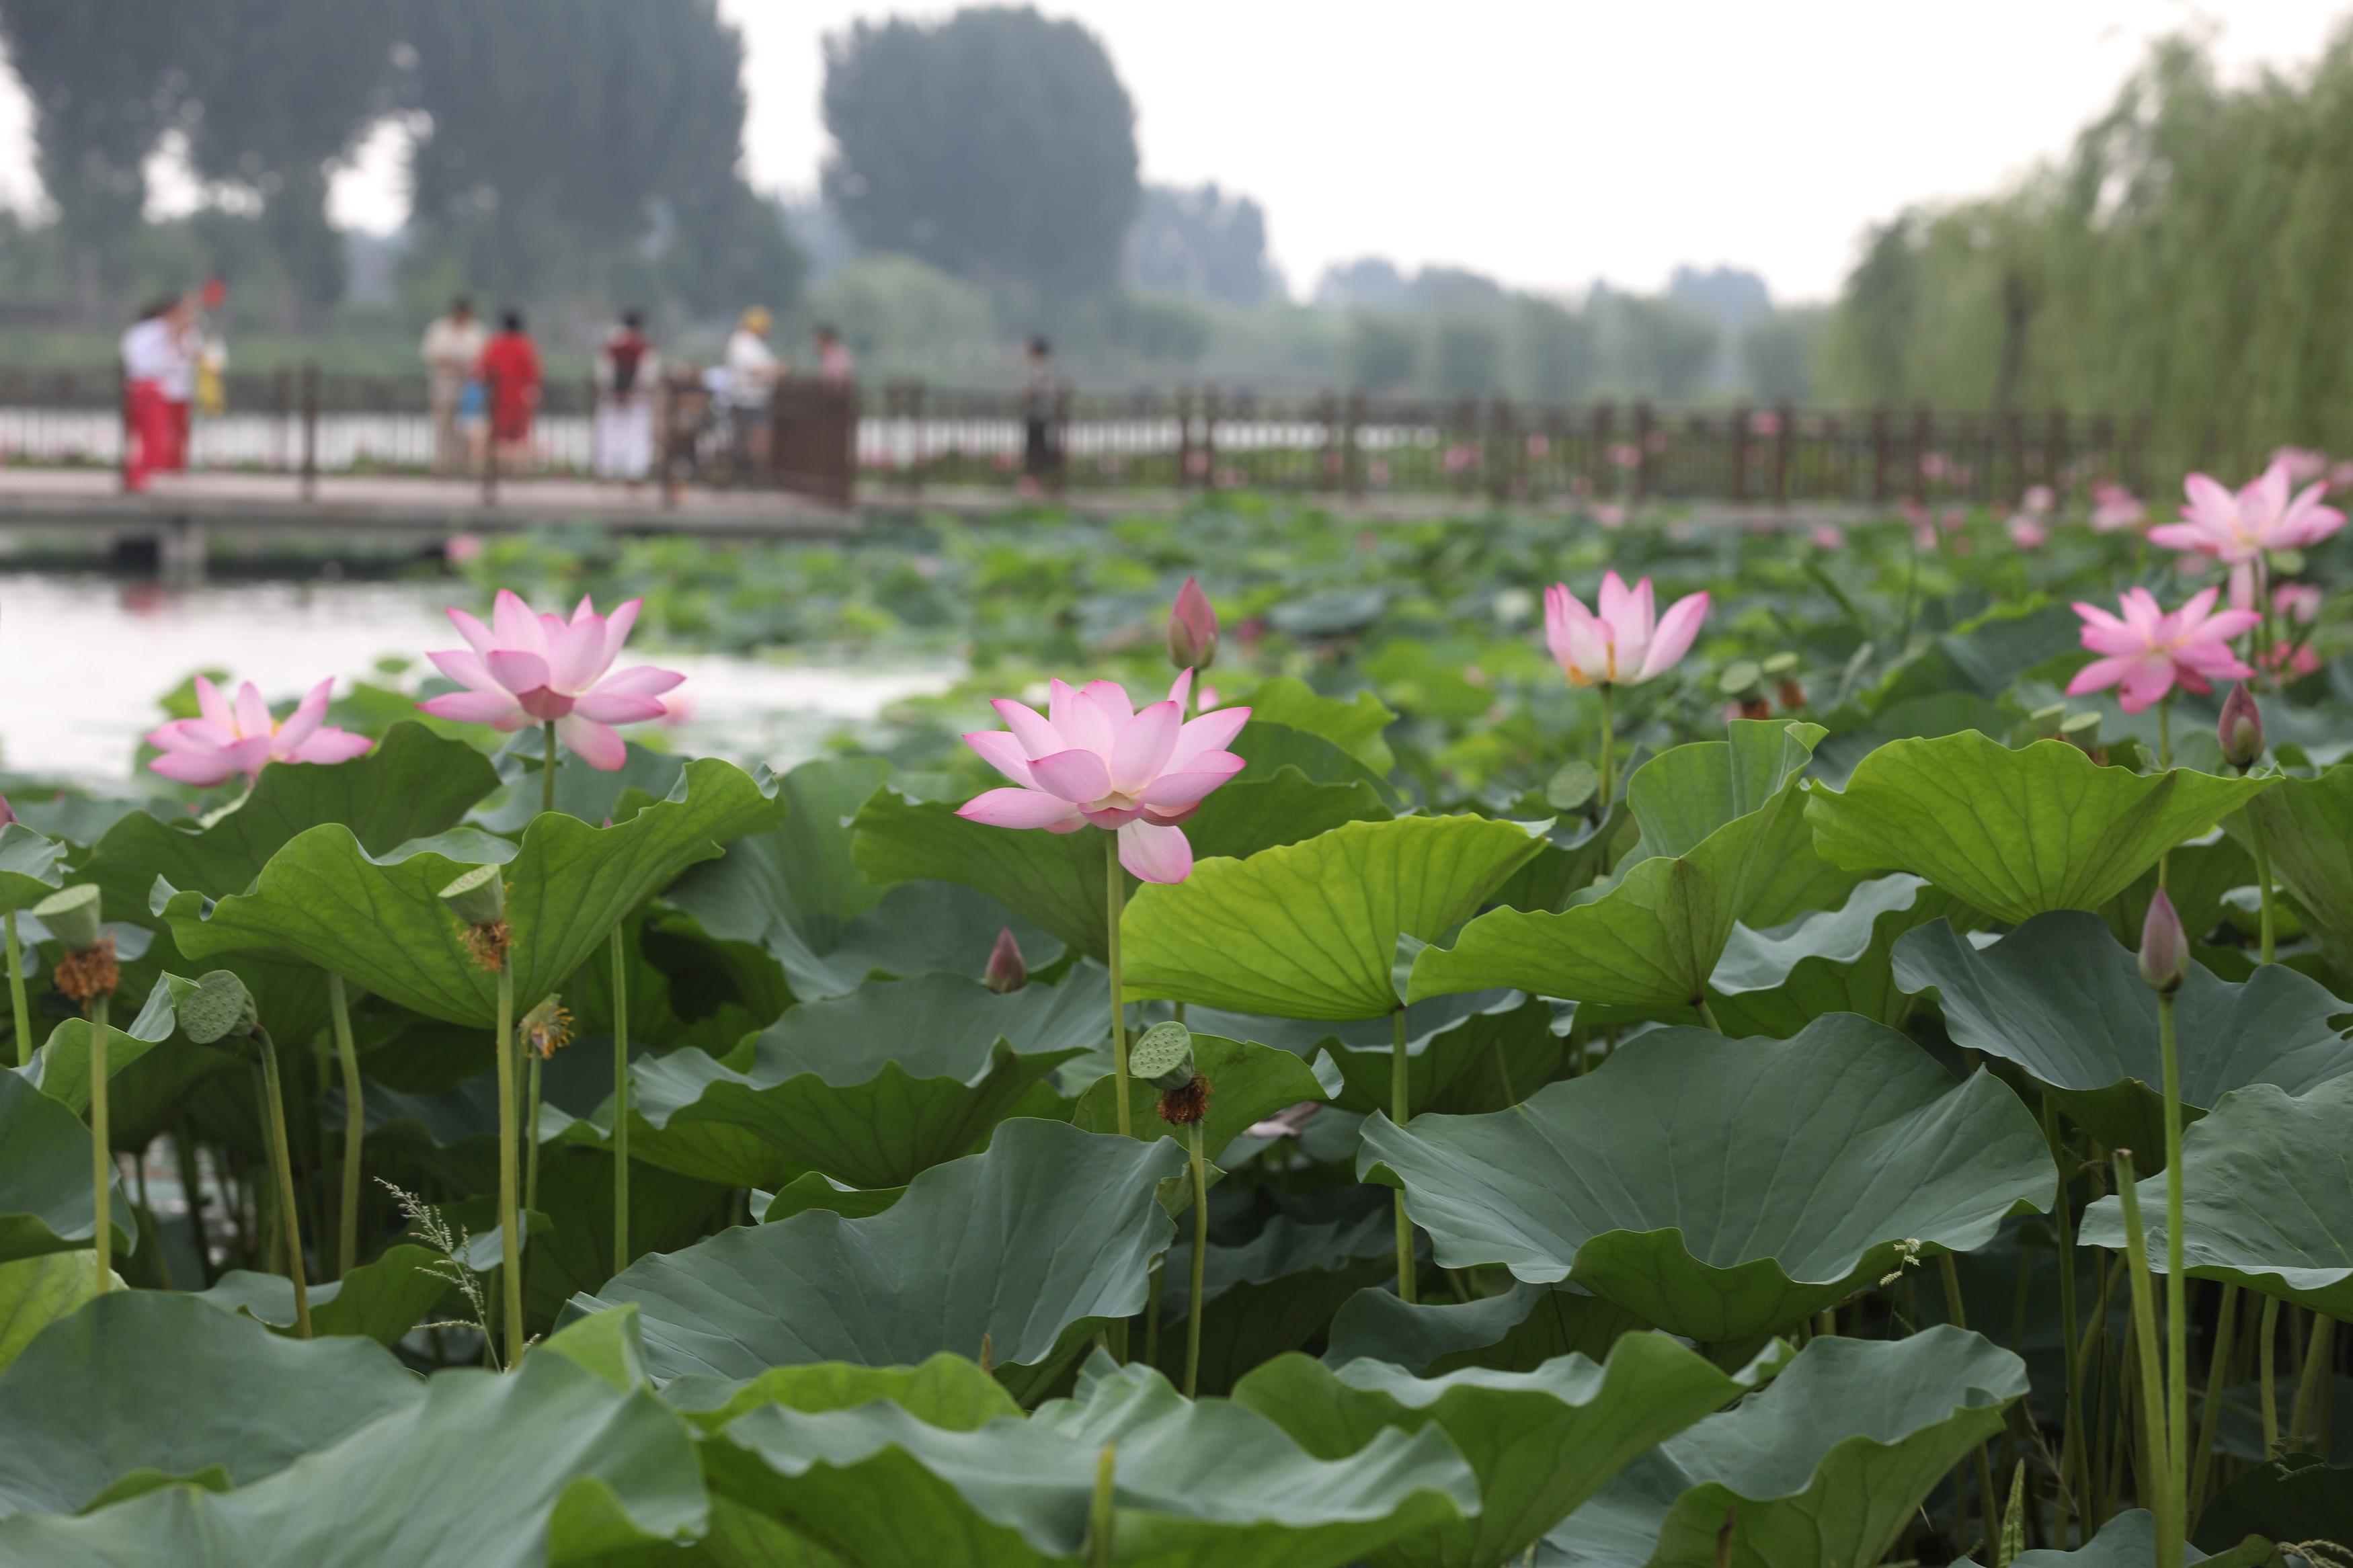 8月5日,市民在3分快3邀请码省温县环城水系南渠亲水栈道观赏荷花。